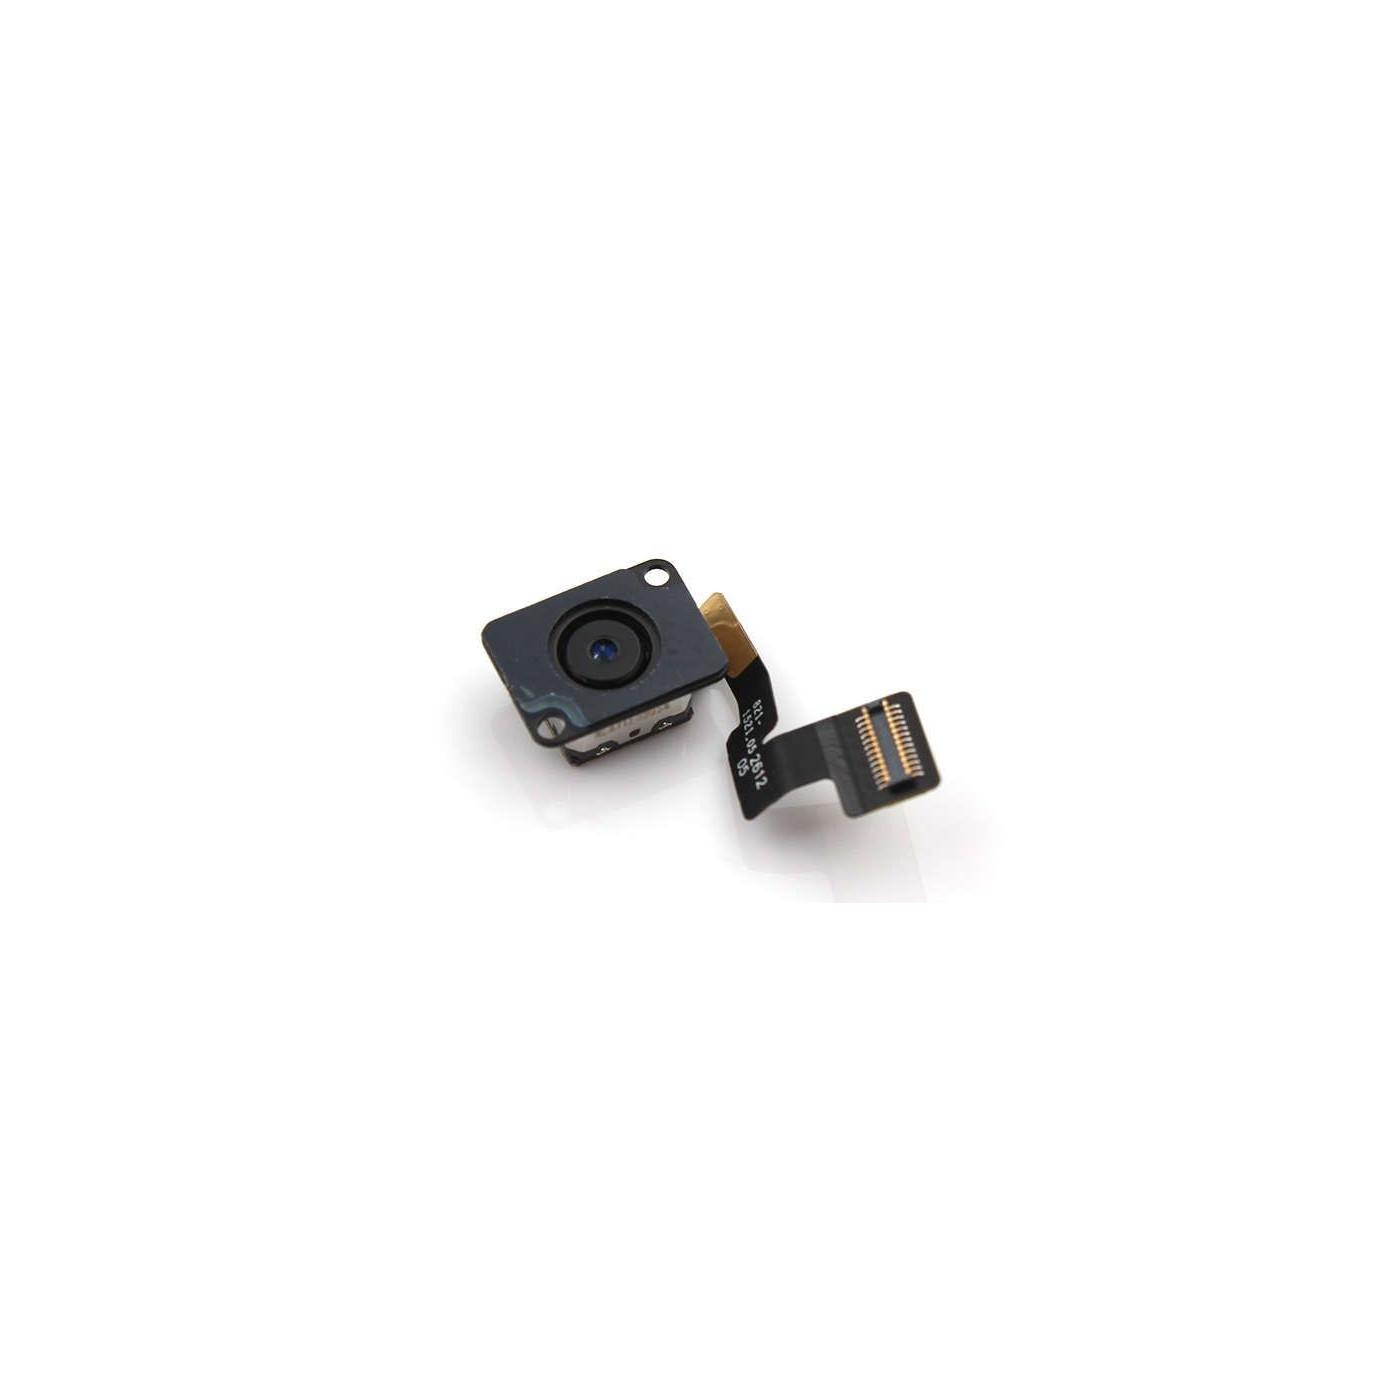 Cámara trasera para apple ipad mini principal reemplazo de la cámara principal